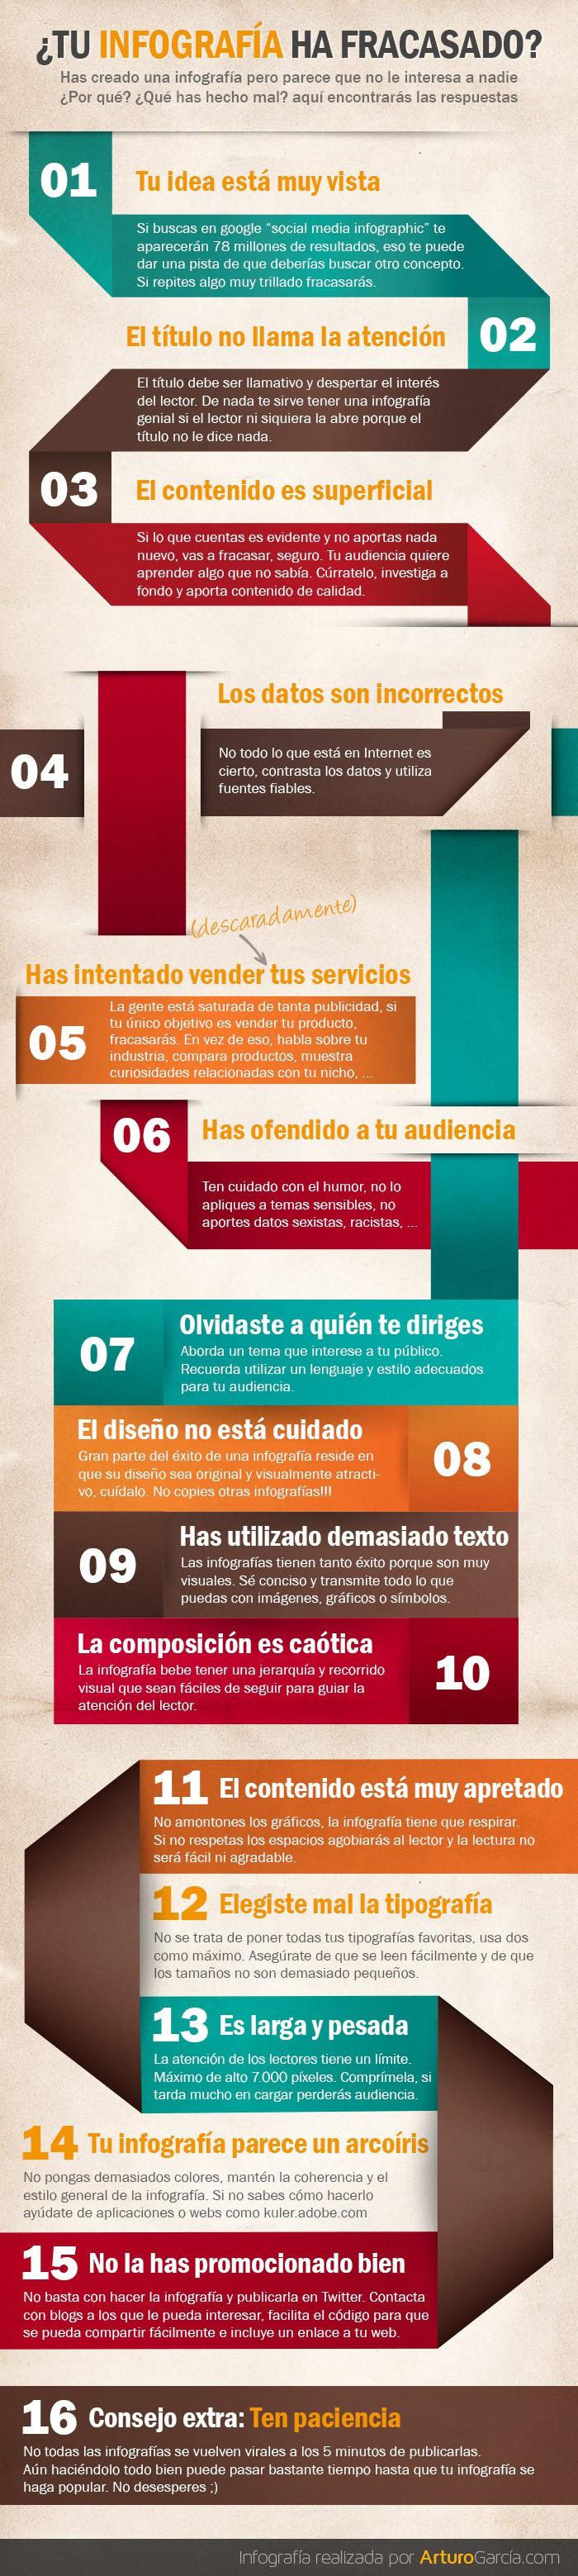 errores a evitar en infografias ¿Tu infografía no se ha vuelto viral? 15 errores que debes evitar (infografía)